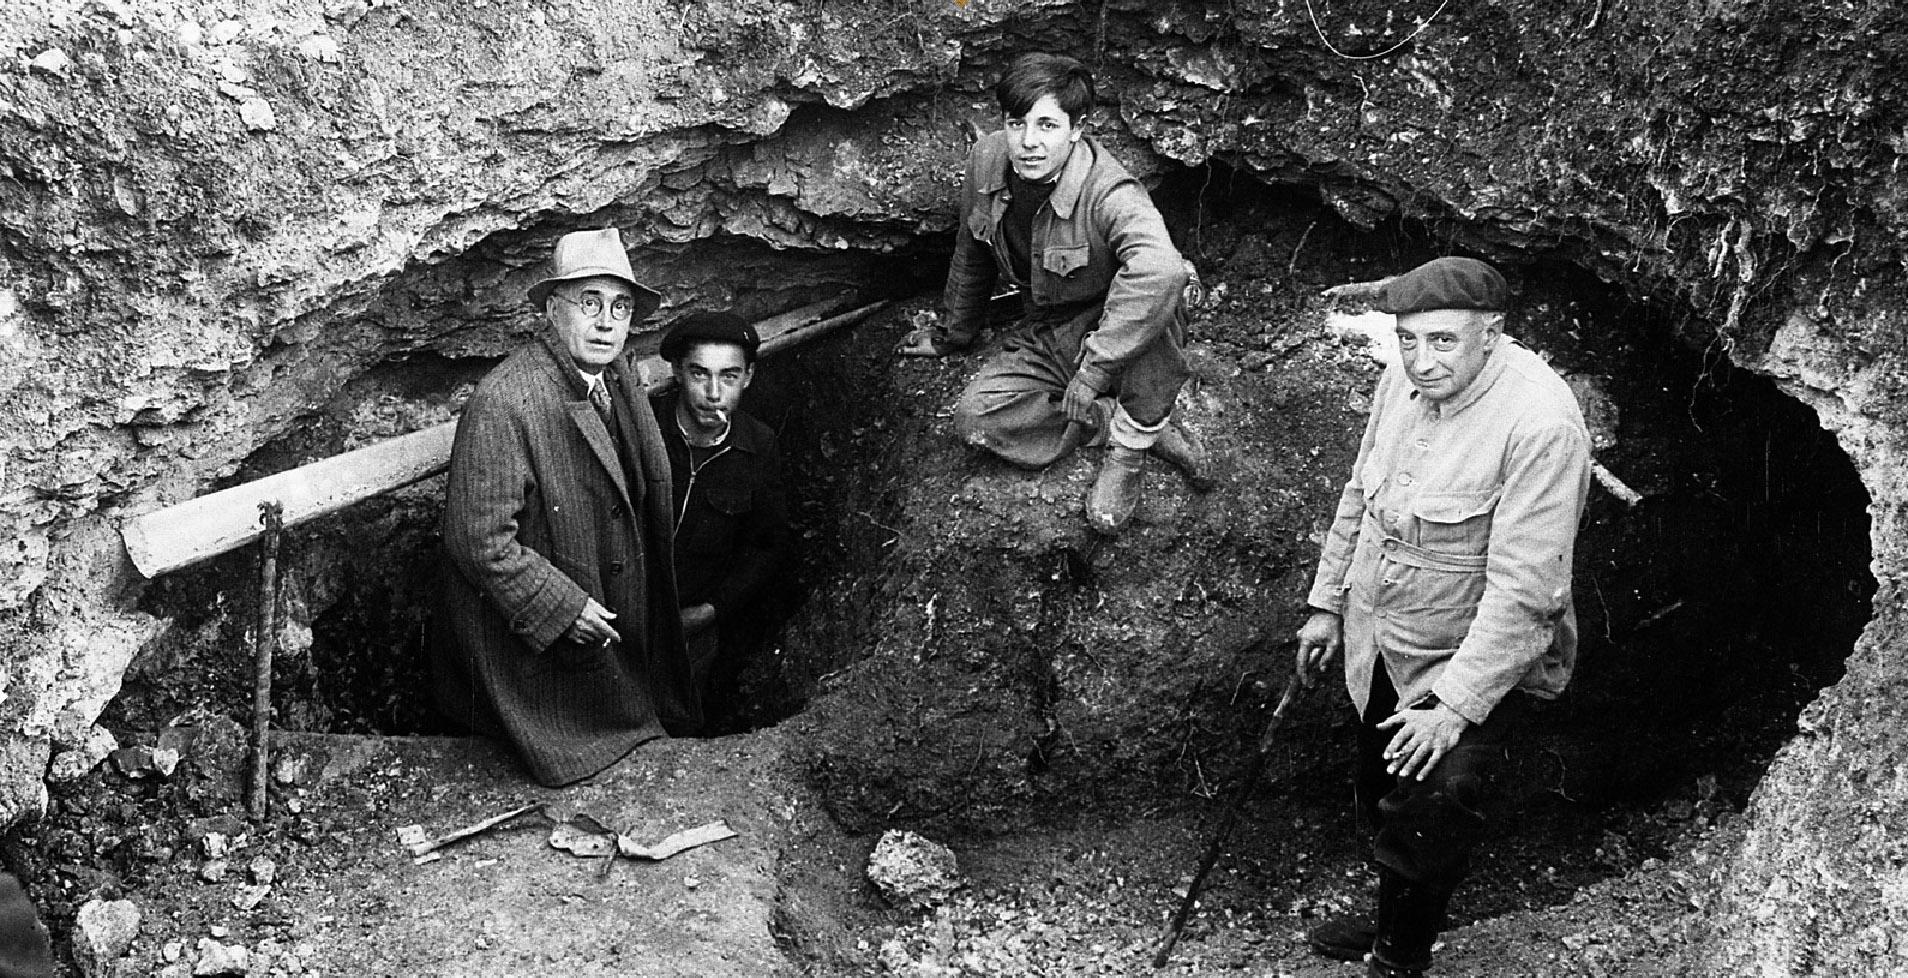 Entrée de la grotte en 1940. Léon Laval (instituteur), Marcel Ravidat (inventeur de la grotte), Jacques Marsal (l'un des amis de Ravidat) et le préhistorien Henri Breuil. © D.R.